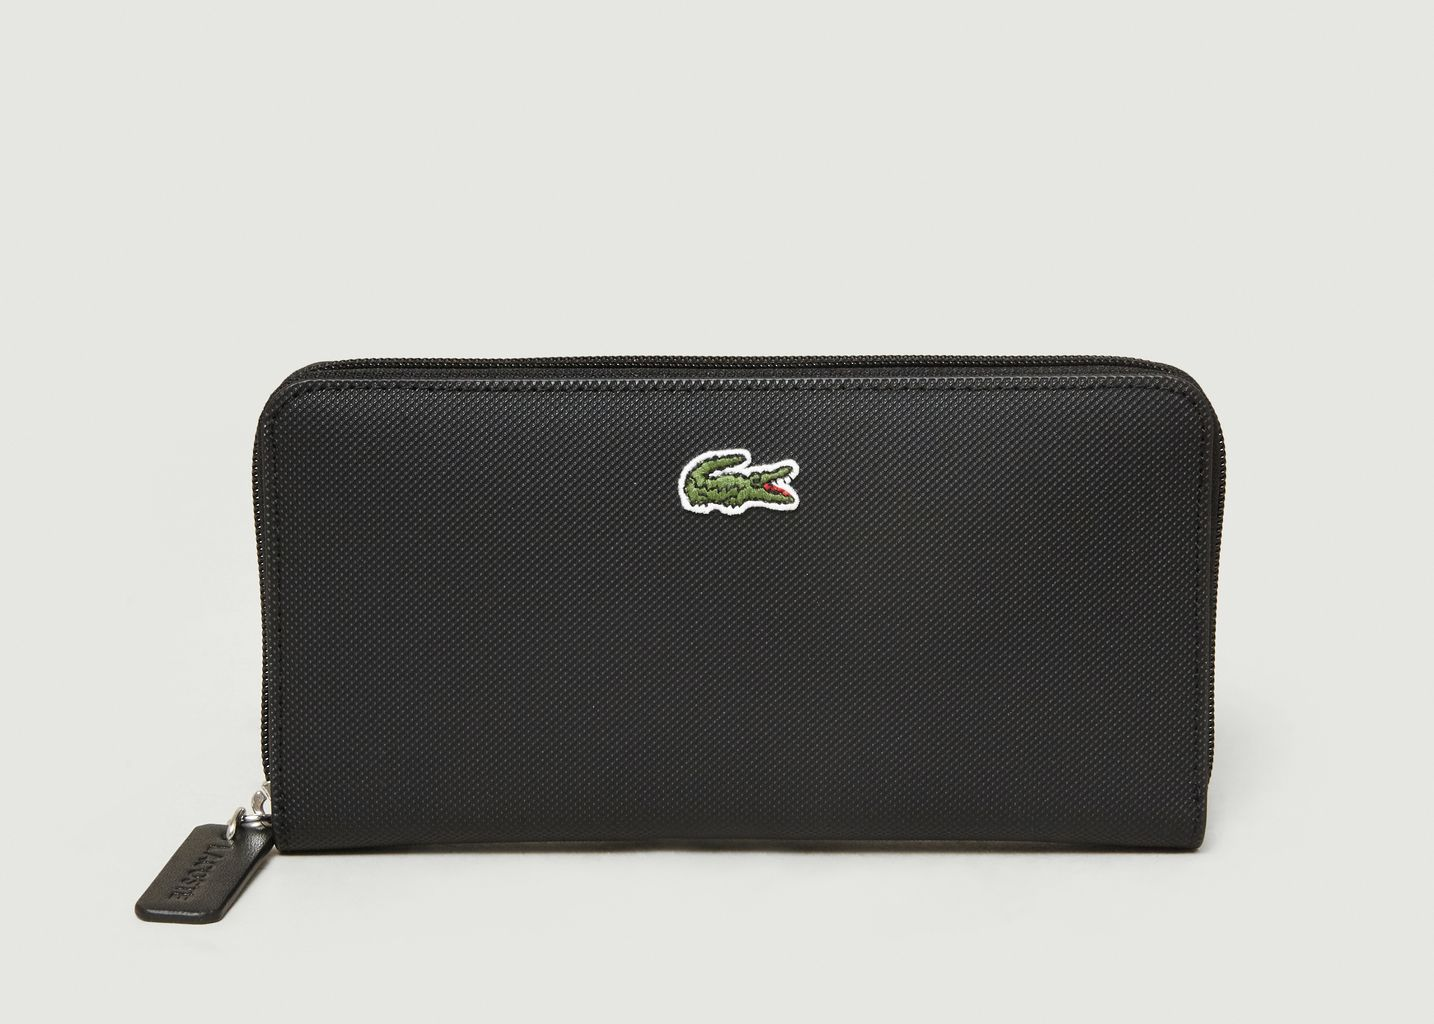 Portefeuille zippé L.12.12 - Lacoste